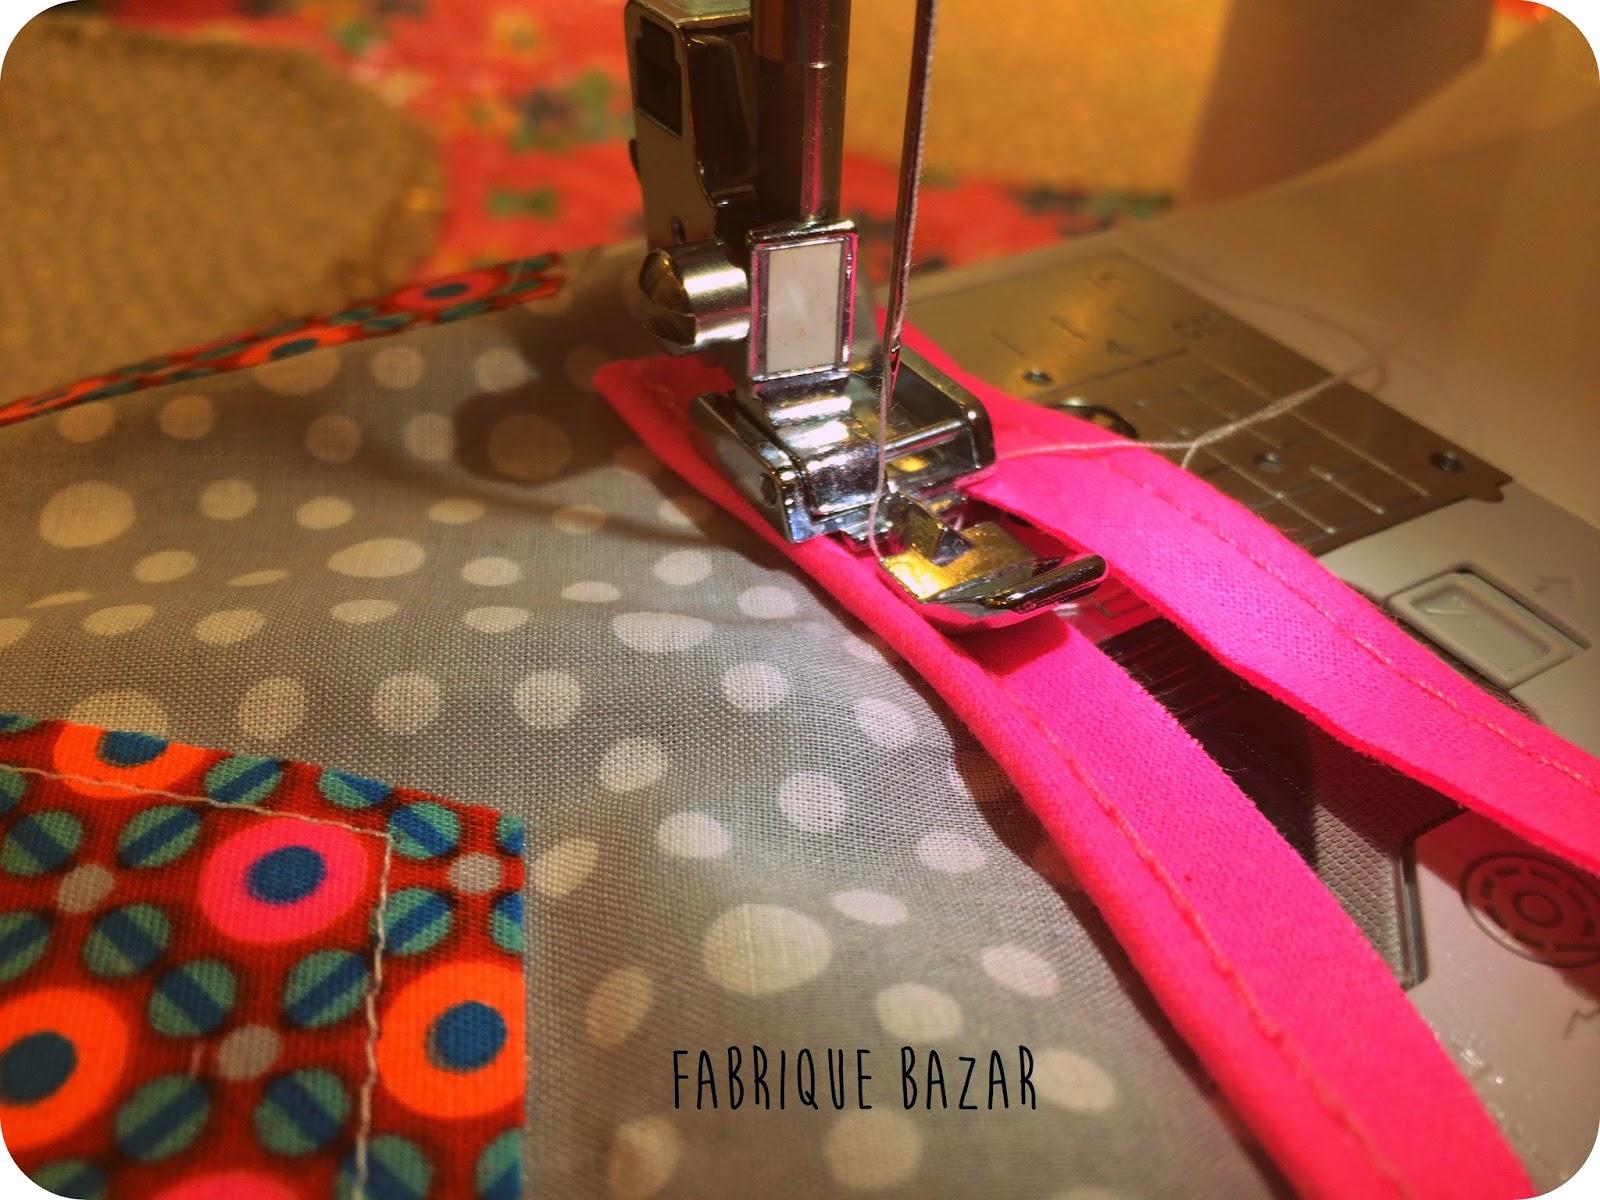 cours de couture toulouse fabrique bazar blog creatif